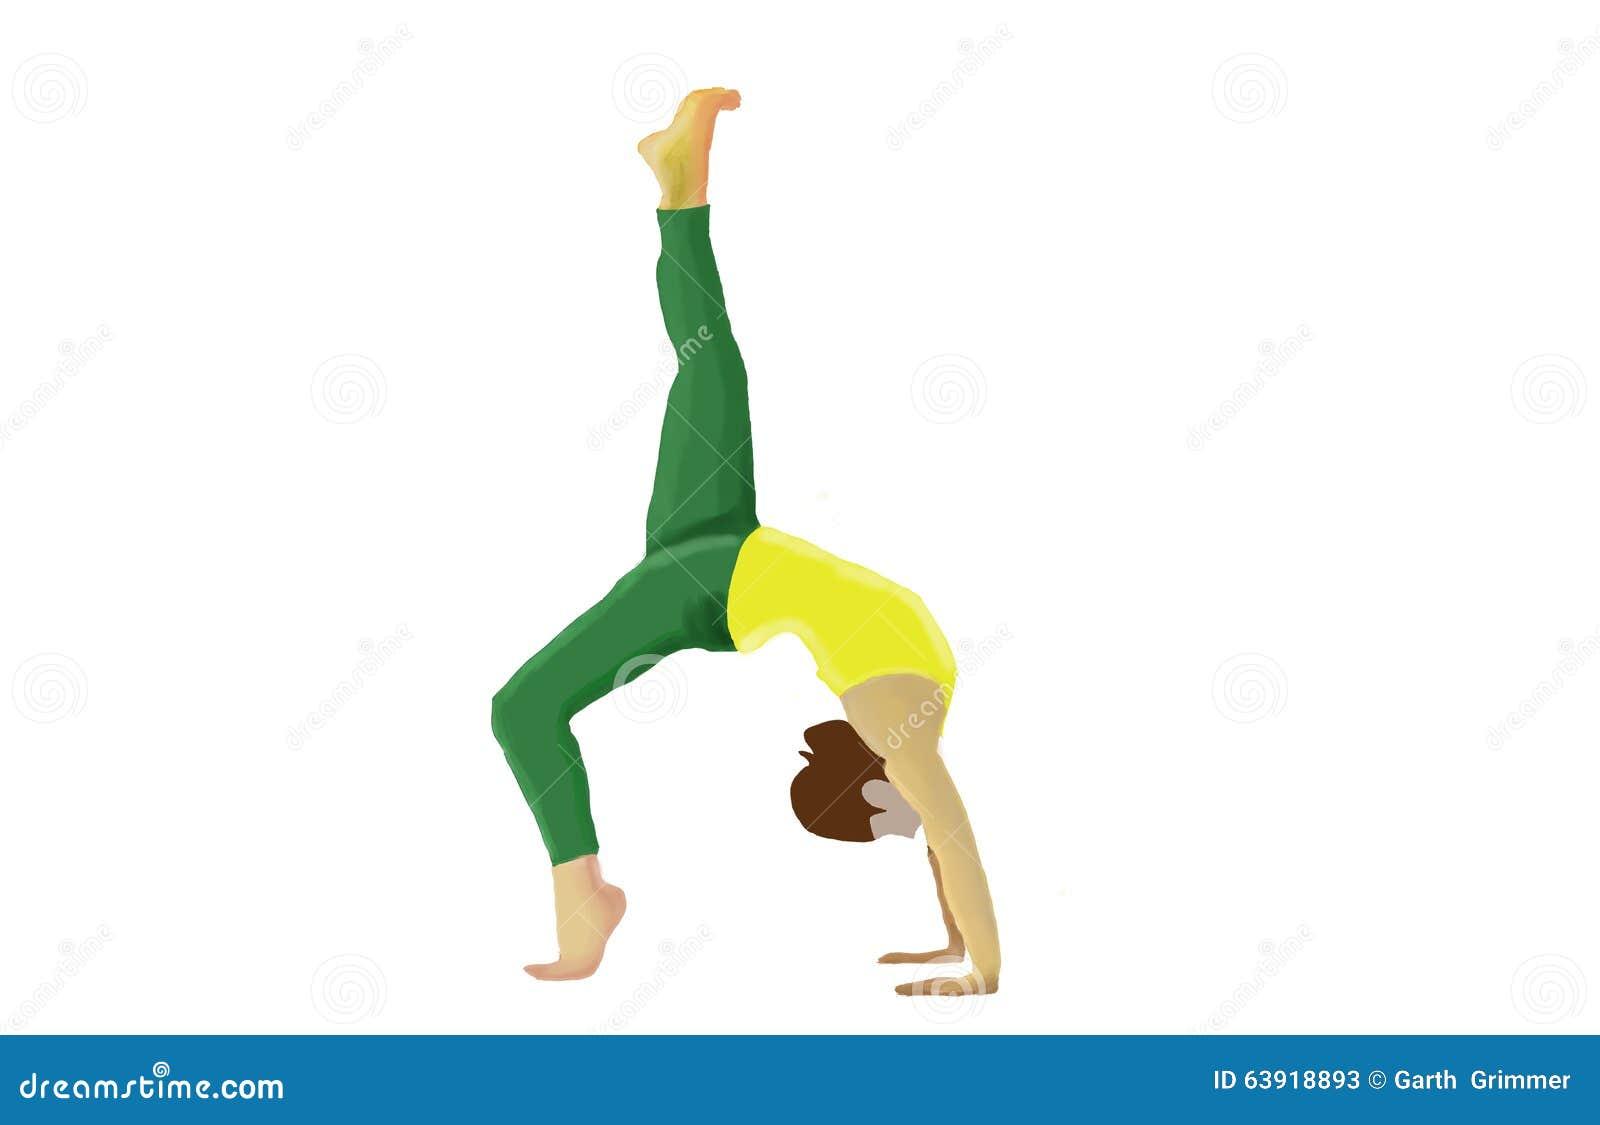 Skizze eines junge Frau übenden Yoga